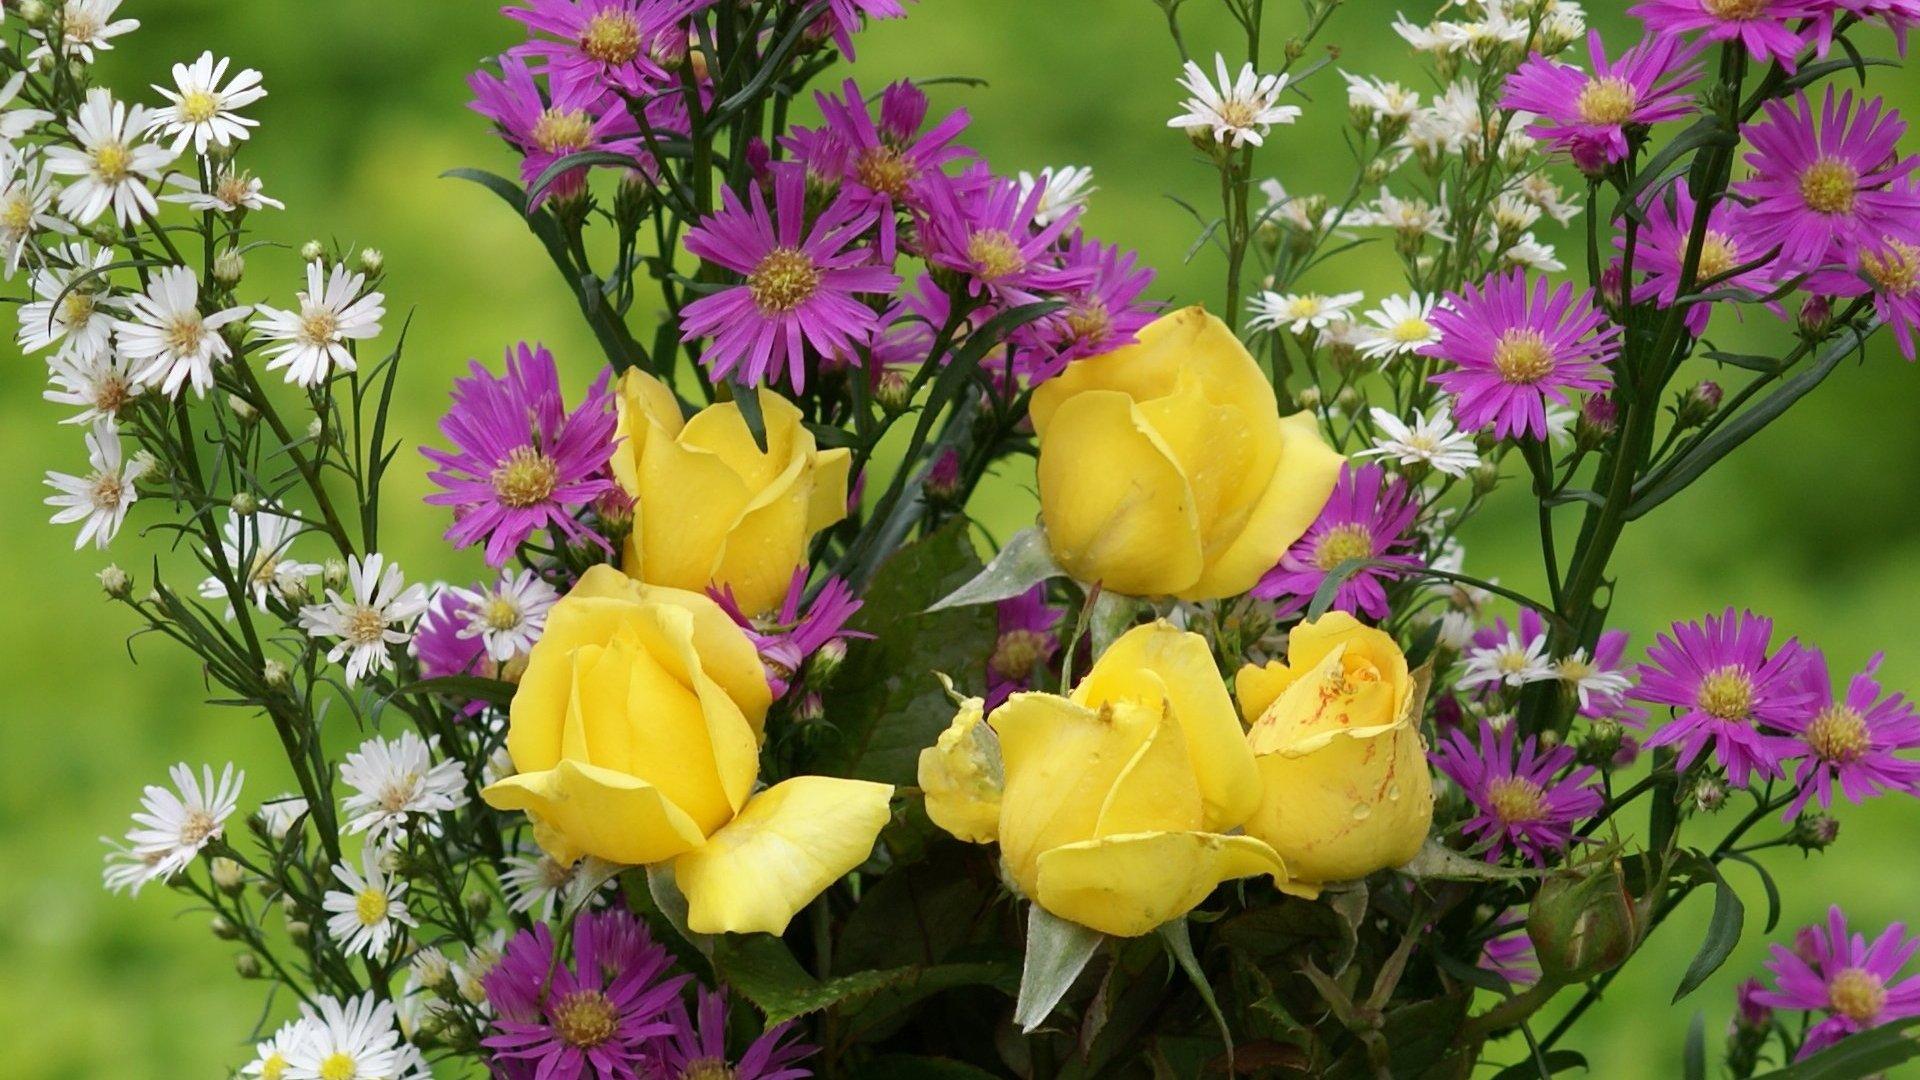 Картинки цветы садовые полевые на телефон обои